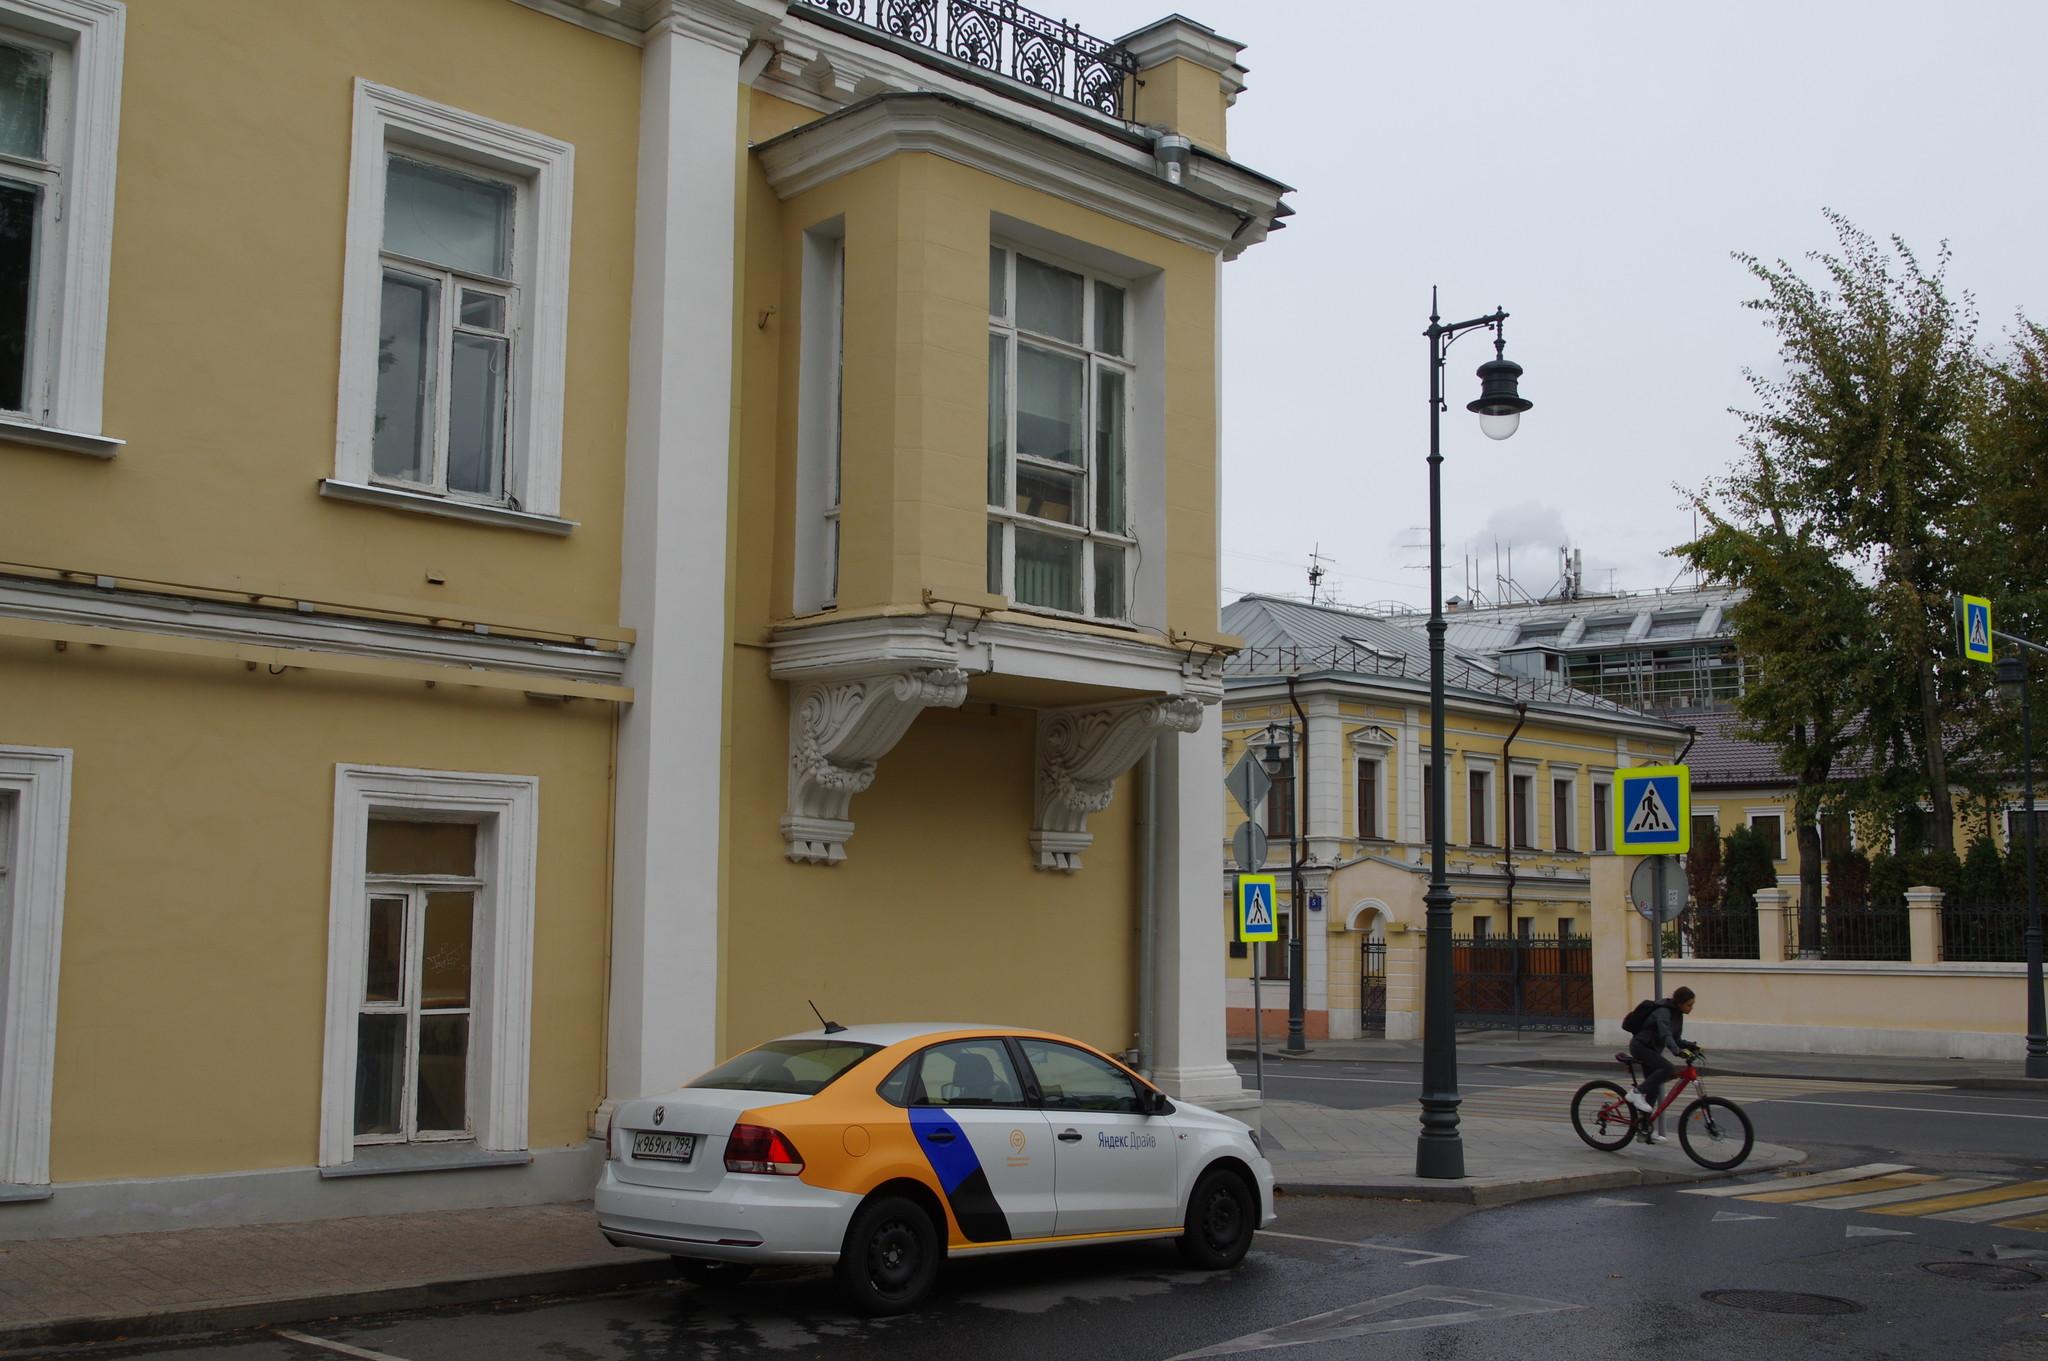 Автомобиль Московского крашенина в Чертольском переулке